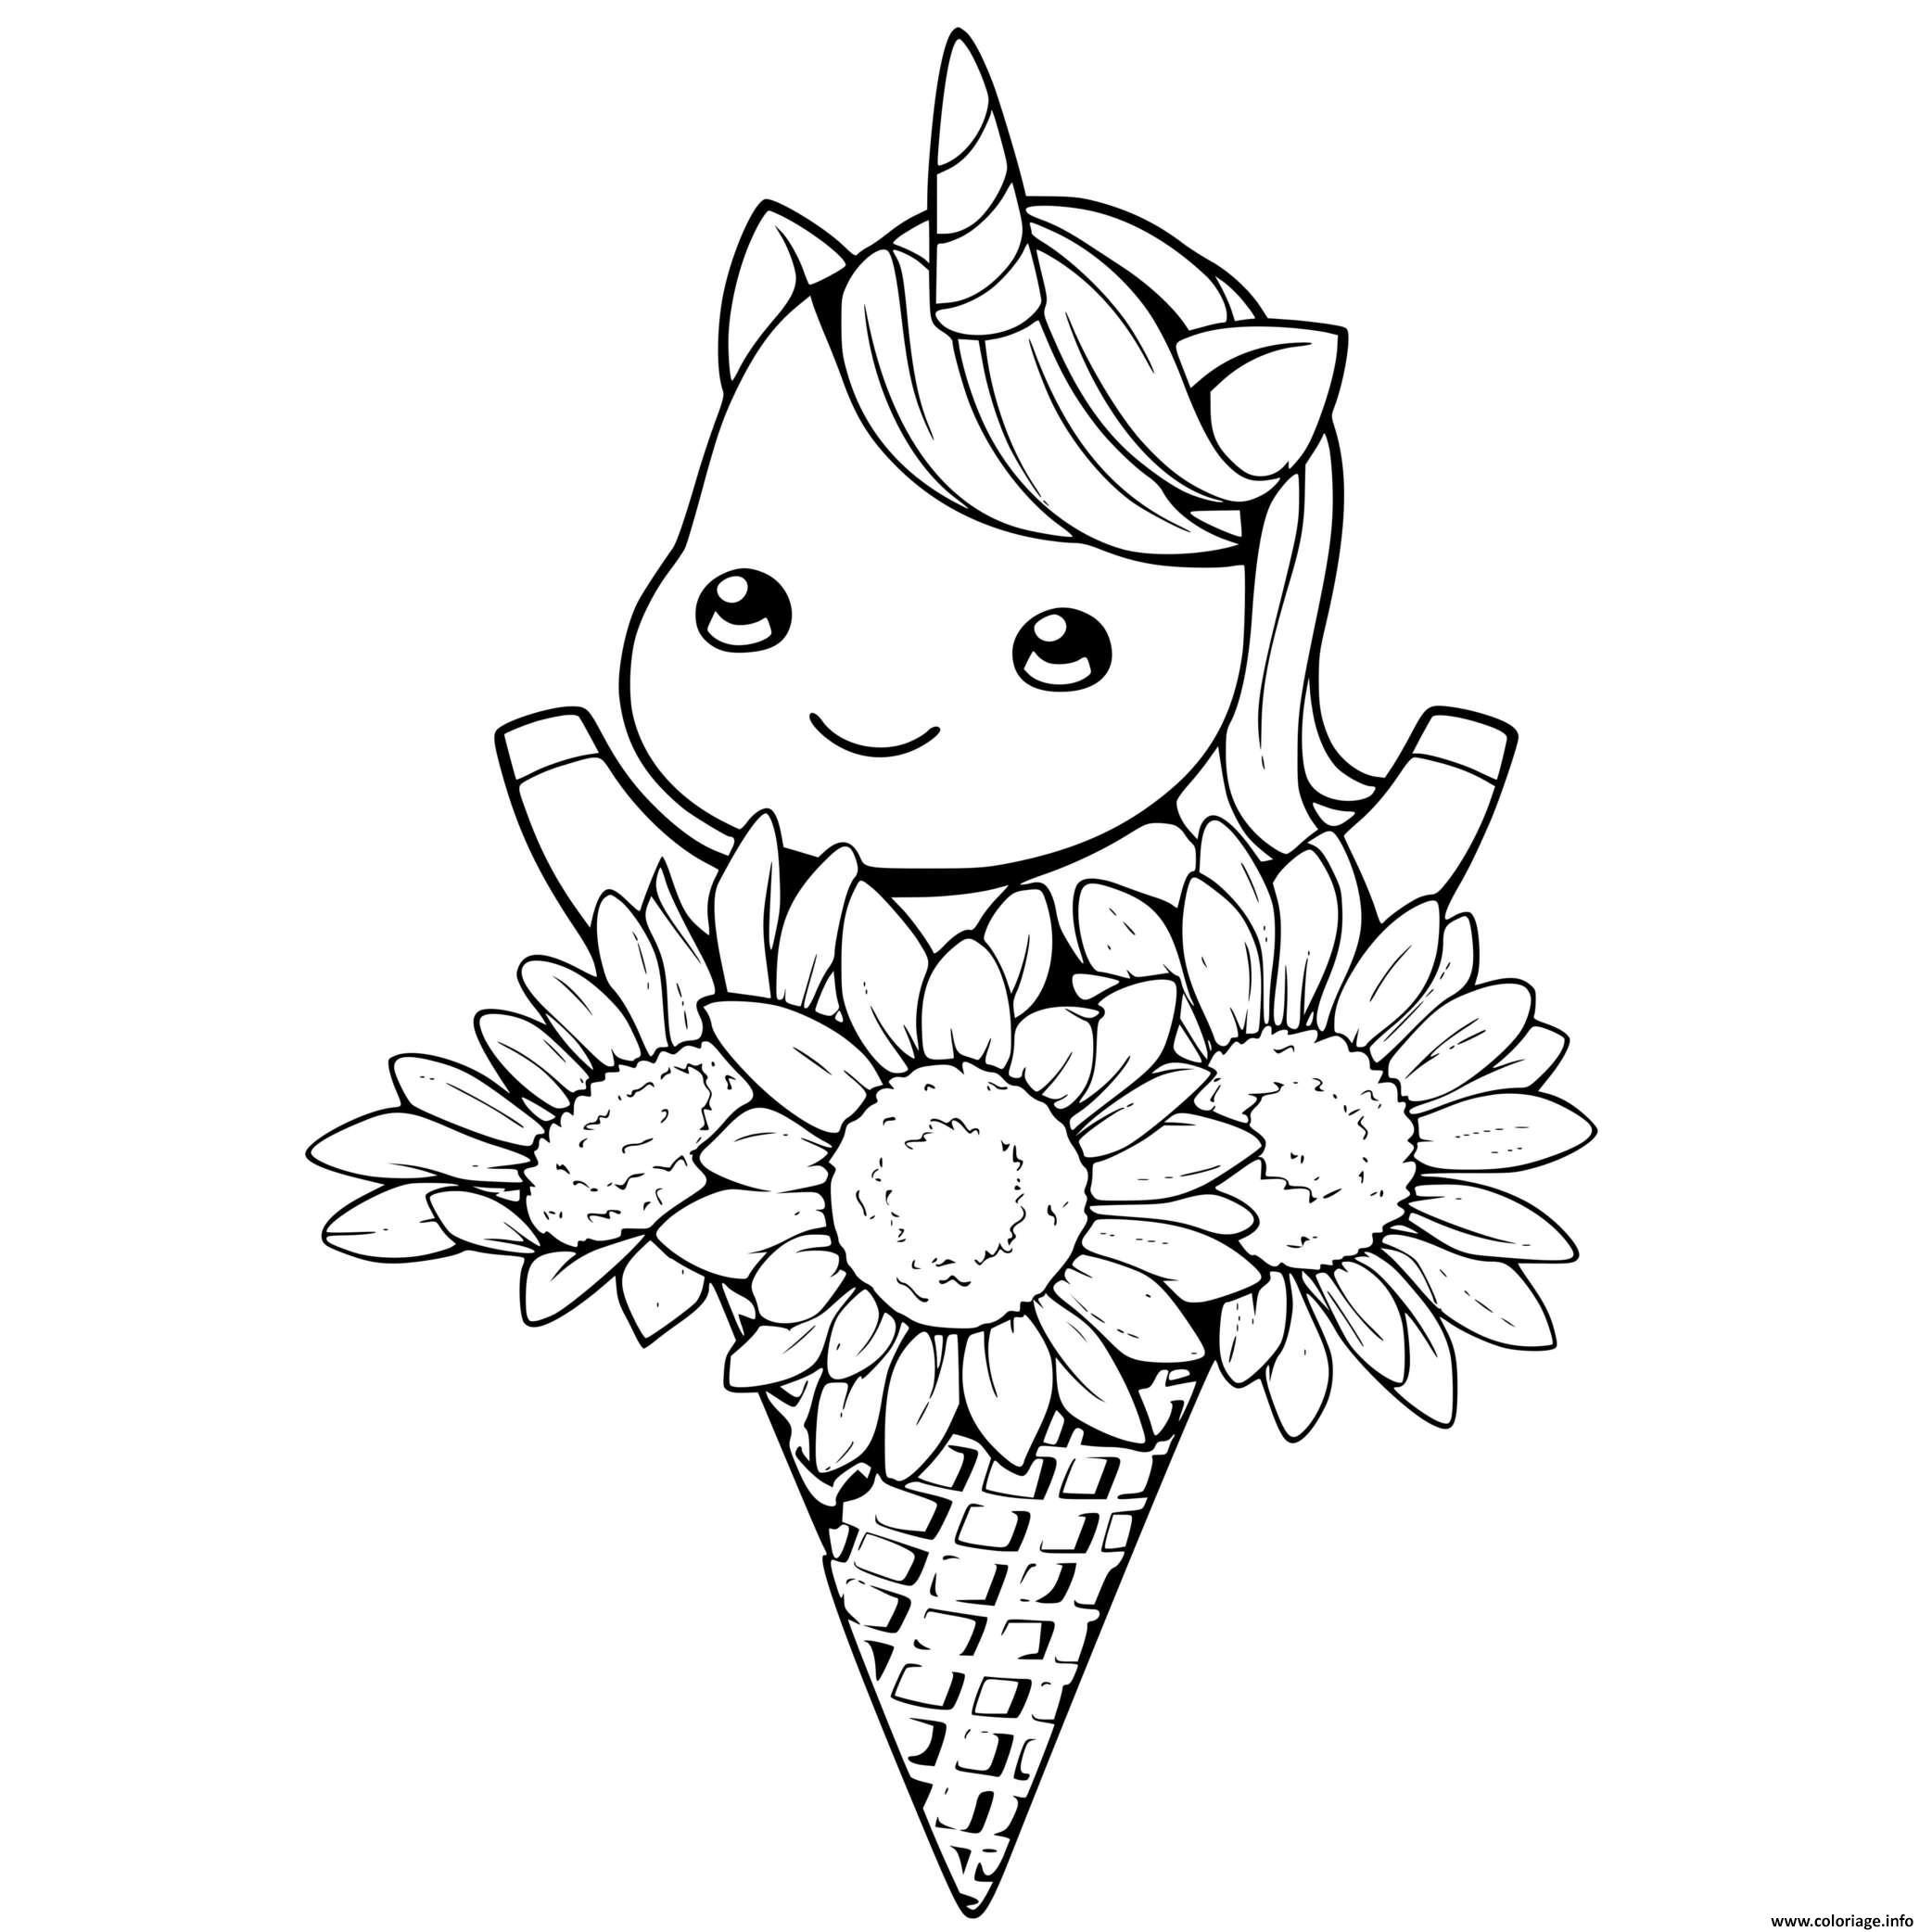 Livre De Coloriage Licorne Coloriage Licorne Dans Un Bouquet De Fleurs Dessin